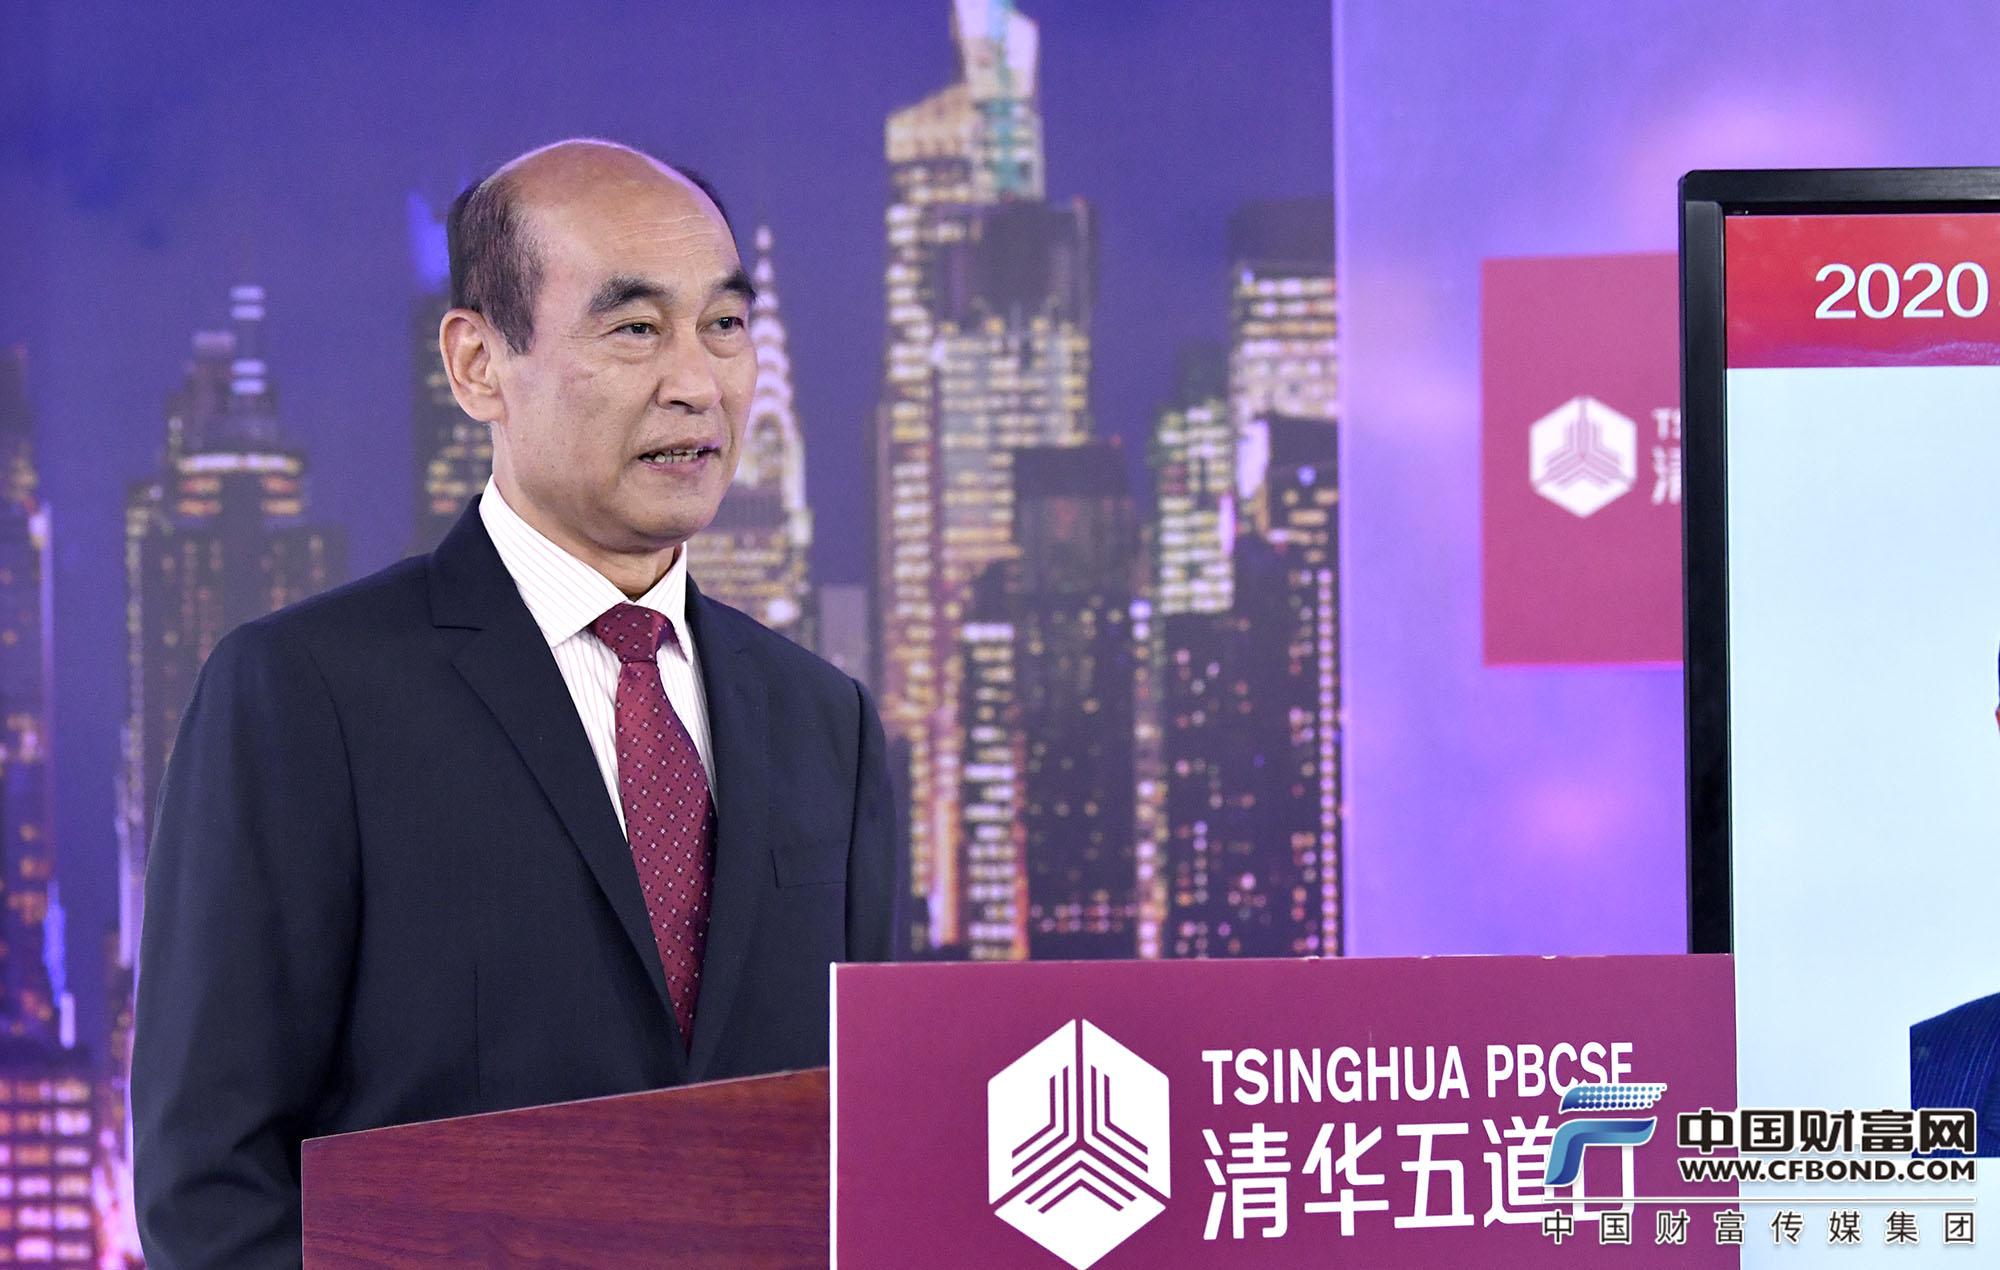 主题分享 全国社会保障基金理事会原副理事长王忠民